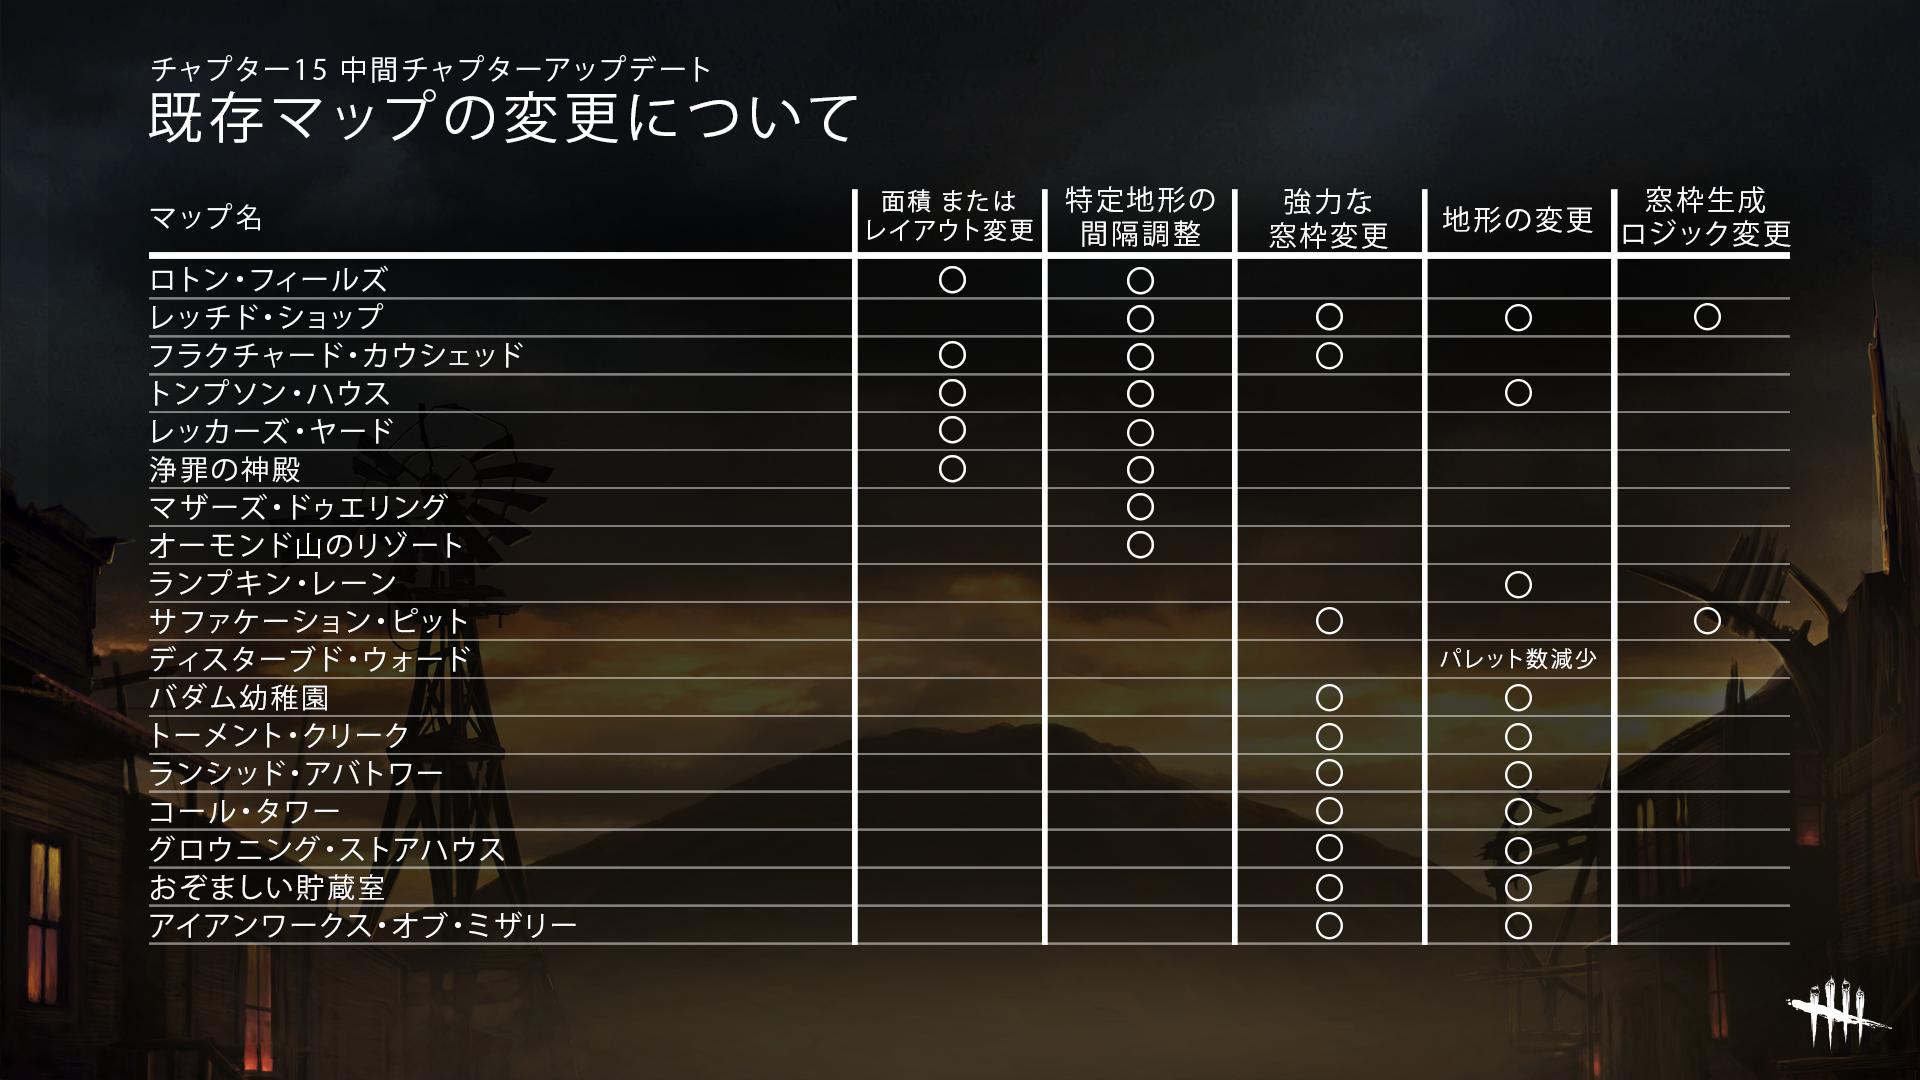 ChartTemp_JP2.png